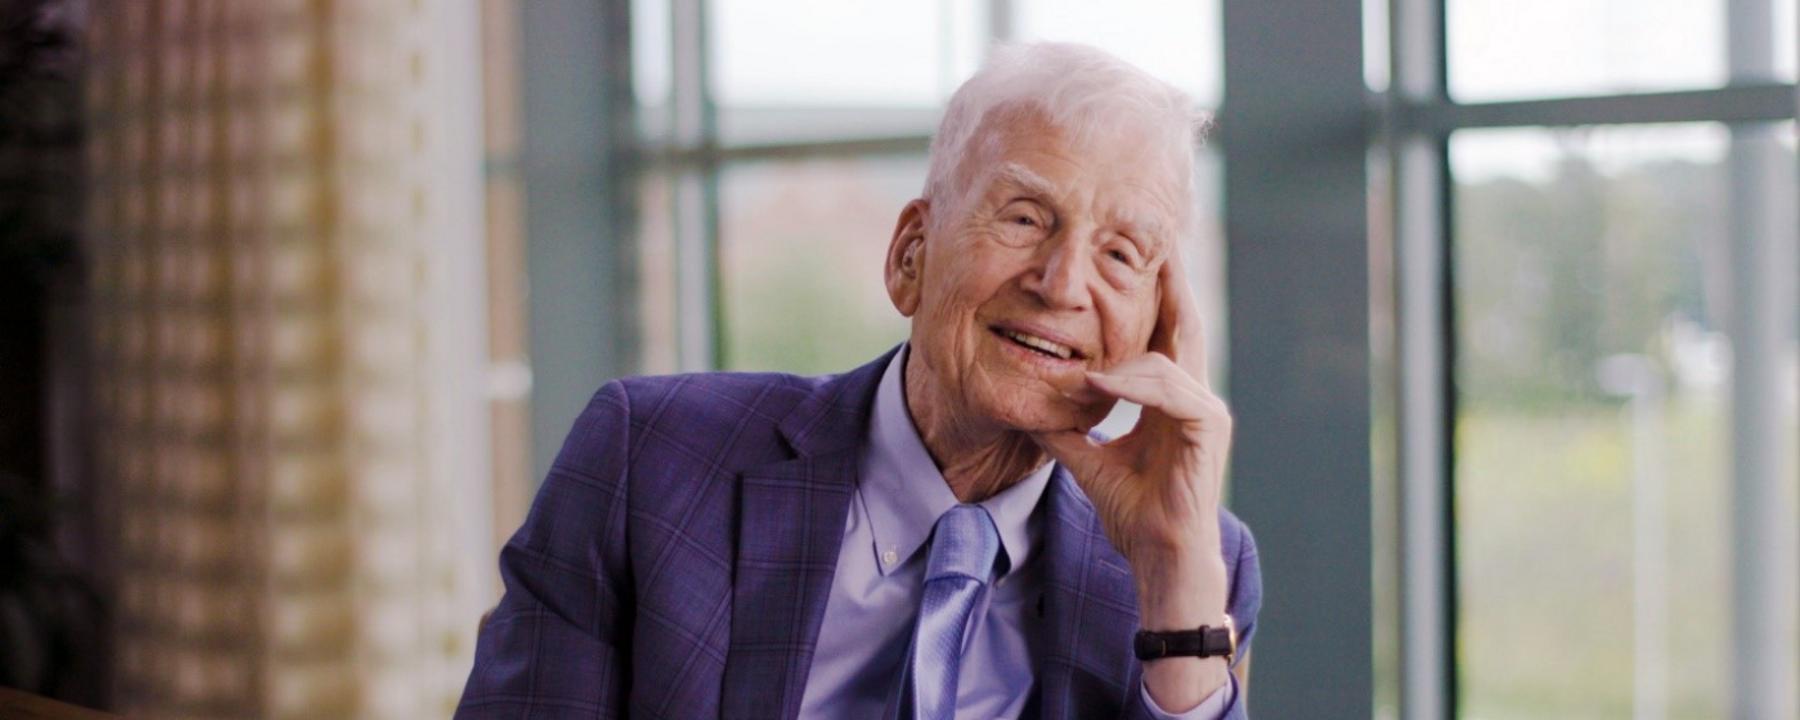 William Danforth, Longtime Research Philanthropist, Dies at 94